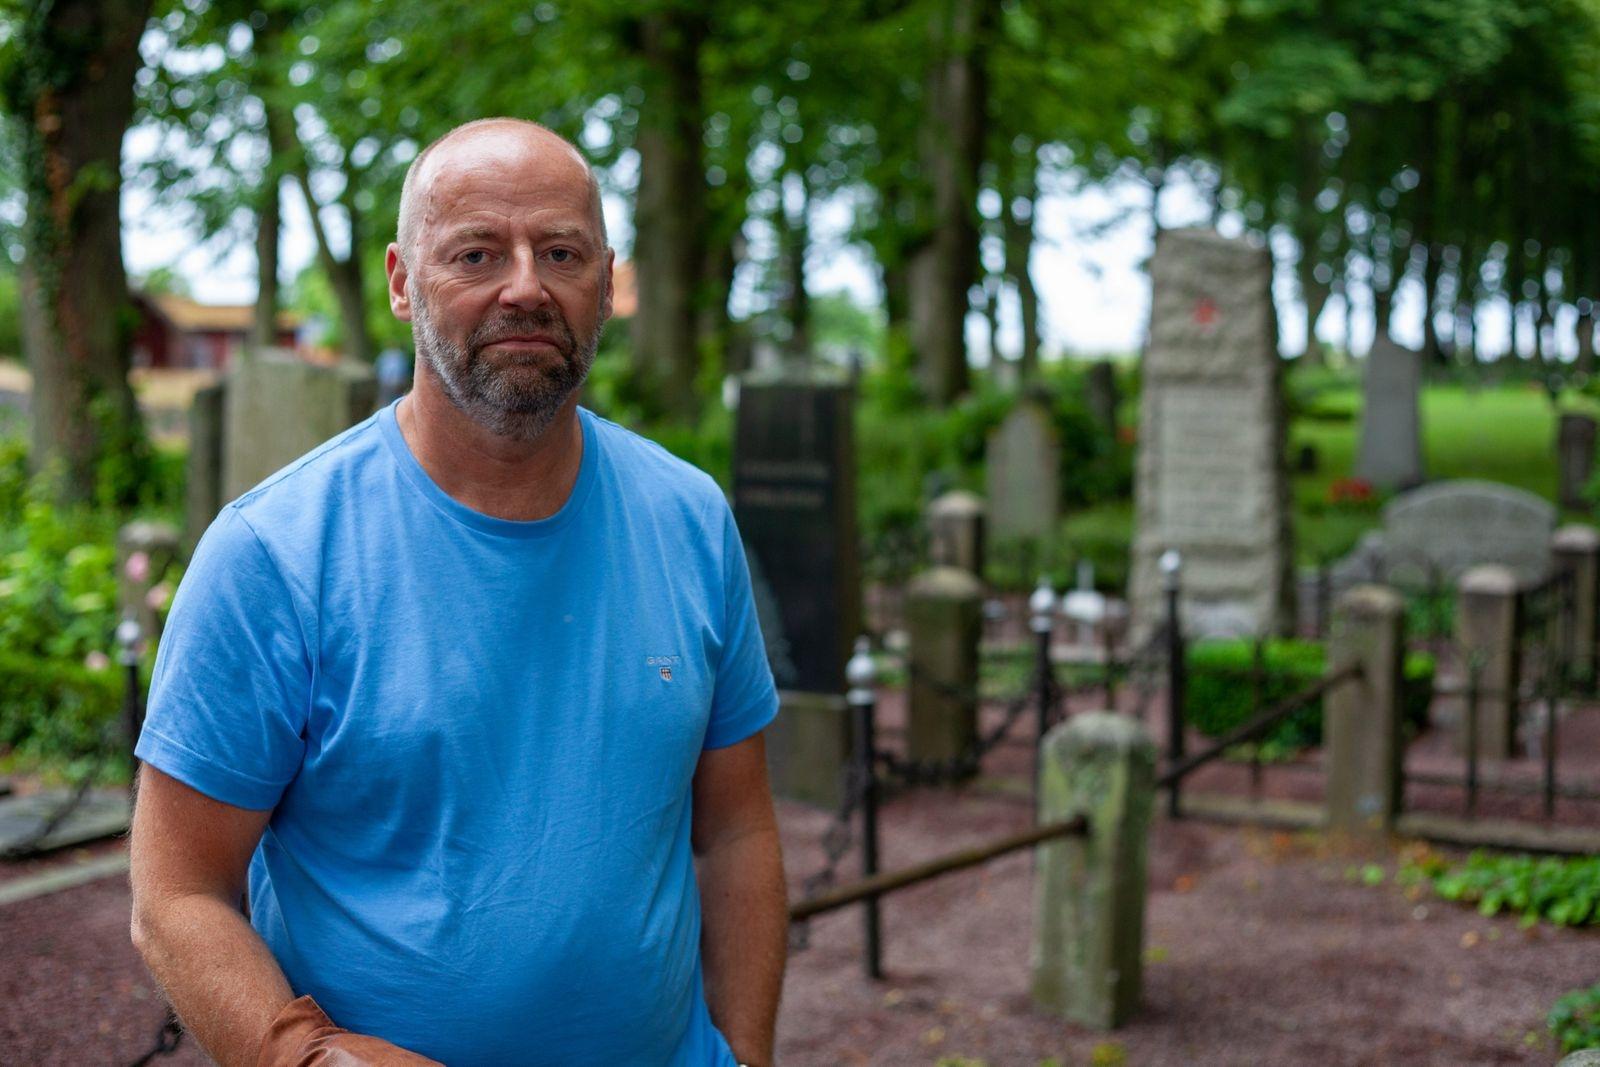 För Peter Nordquist var det första gången med kyrkogårdsteatern. – Det är ett oskrivet blad. I år är det en hyllningskonsert till Ola Magnell också, det ska bli kul att se.